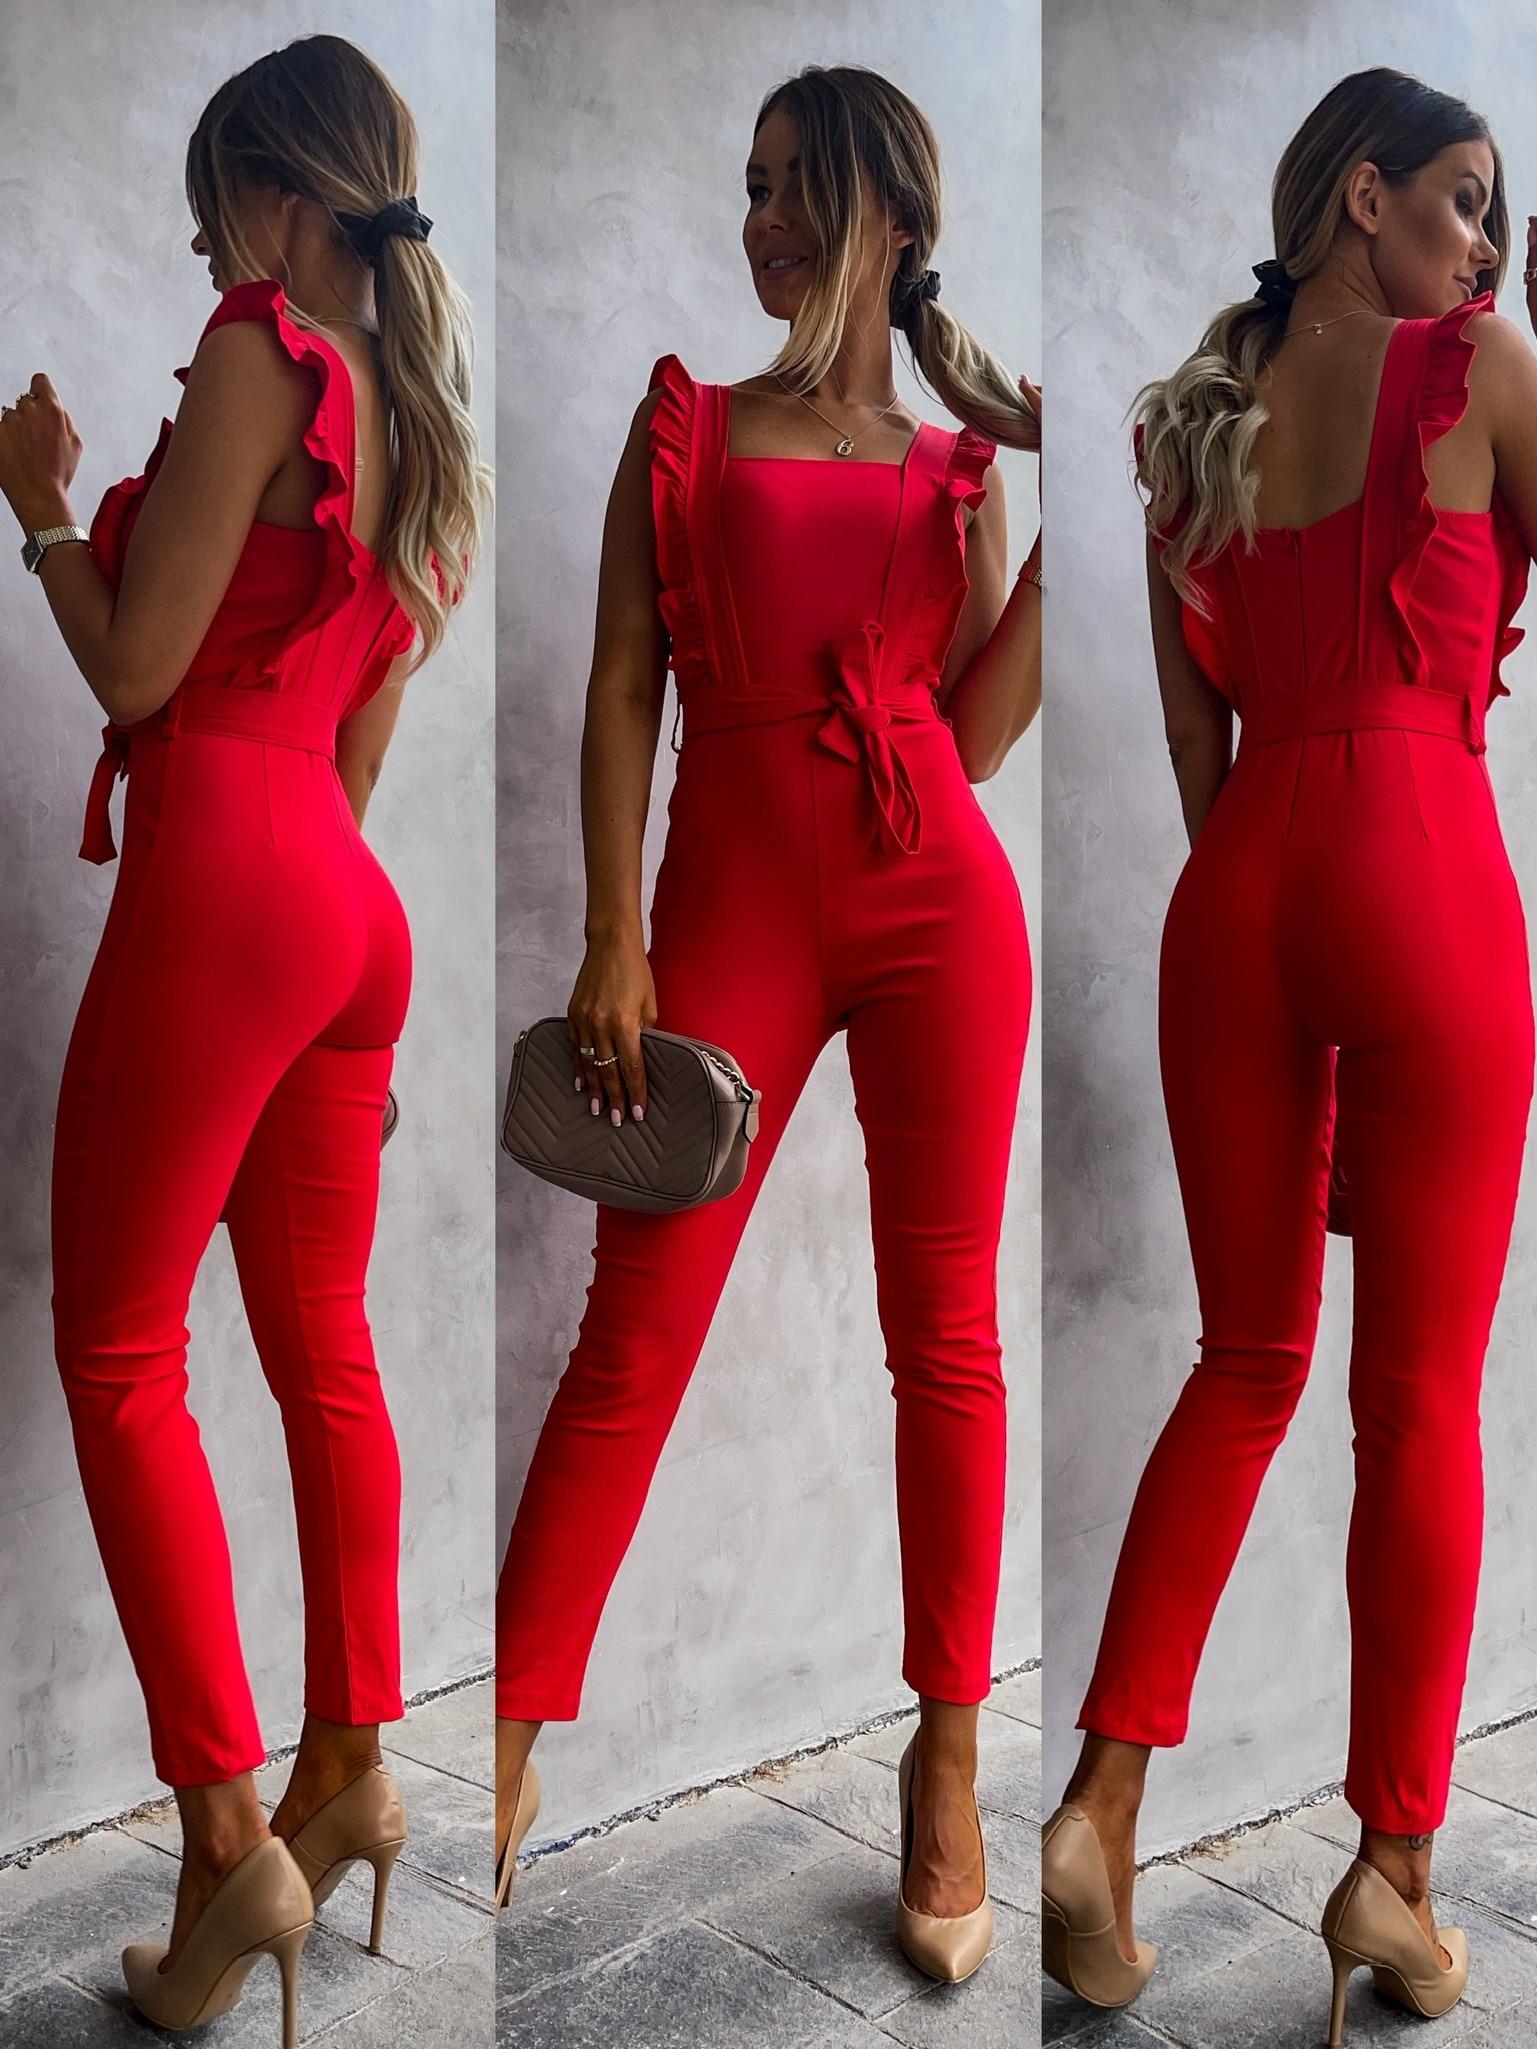 Tute senza maniche moda estiva per donna 2021 tutina a vita alta Clubwear body pagliaccetti con cintura